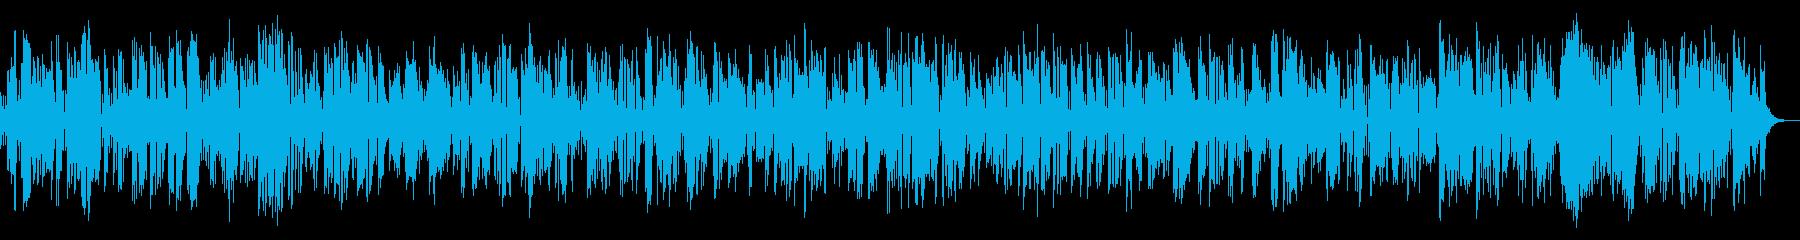 コミカルなビンテージクラリネットジャズの再生済みの波形